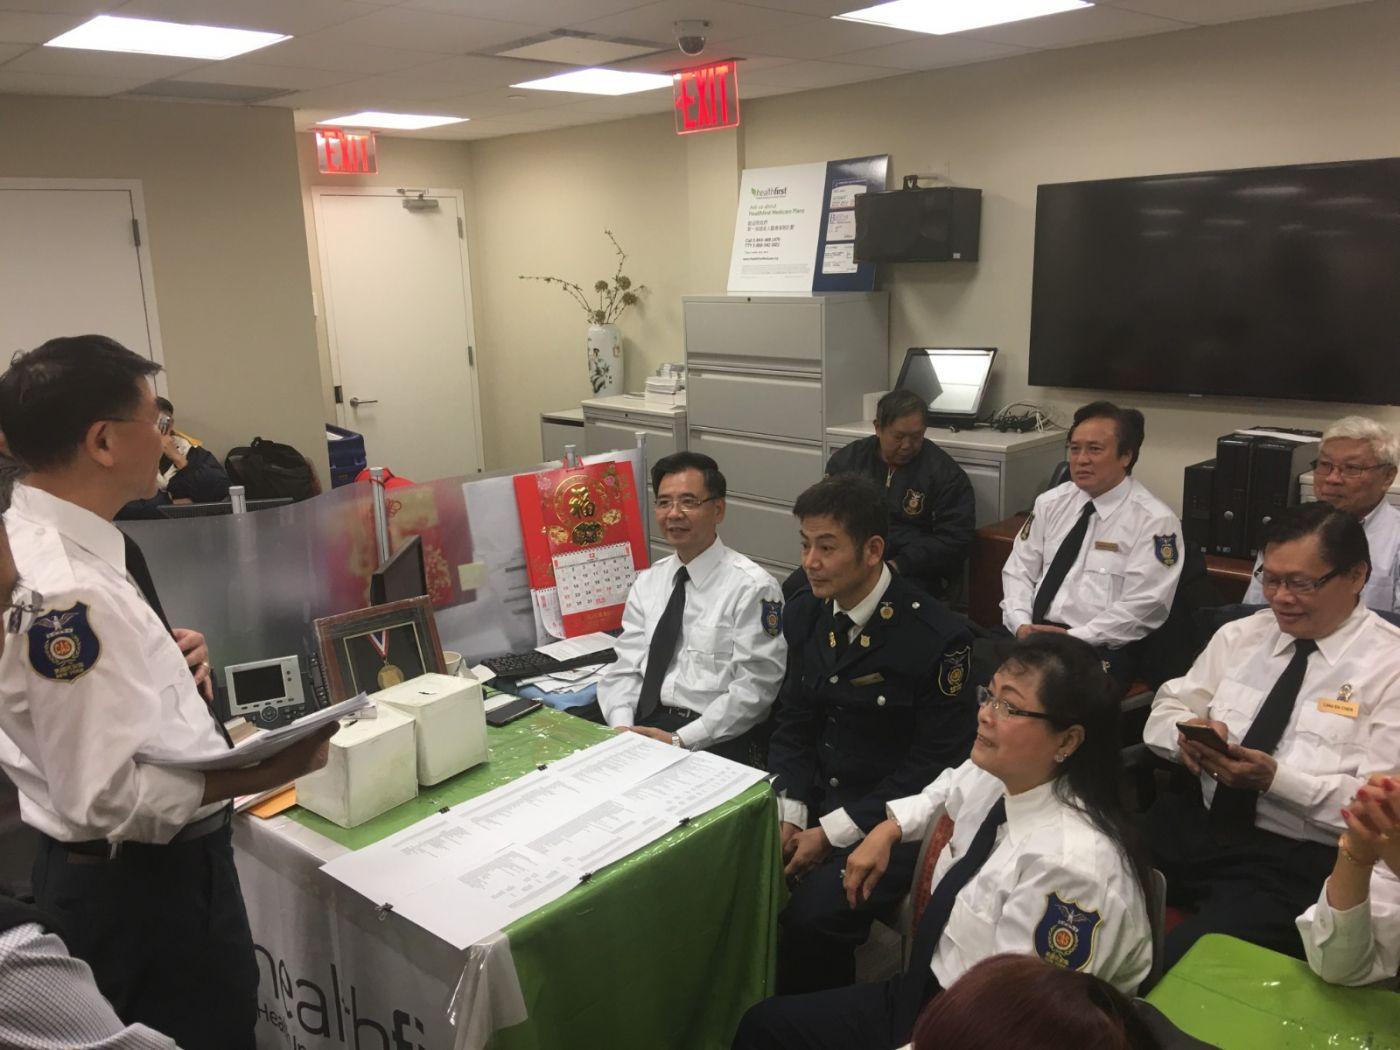 美國民安隊董事年會在紐約舉行_图1-8